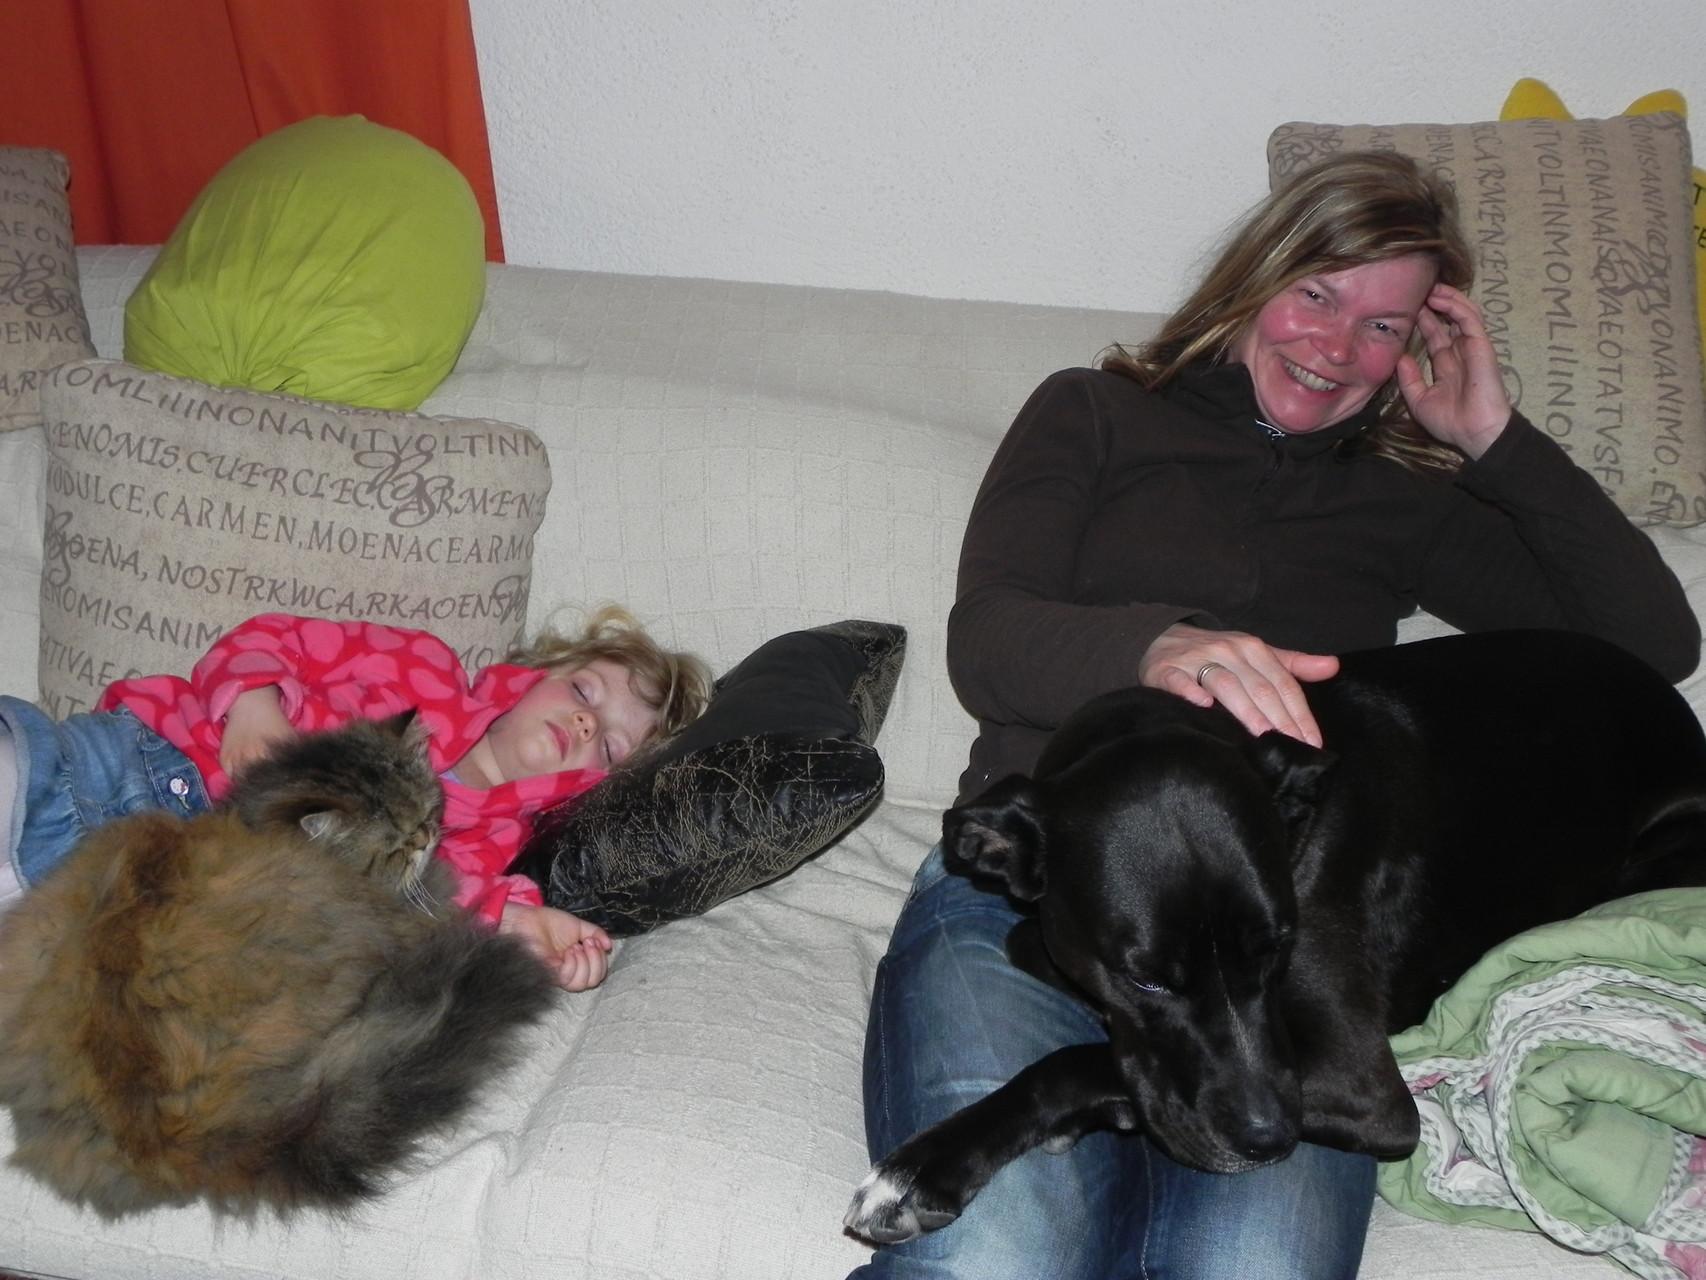 hier kann man sogar mit den Tieren einschlafen